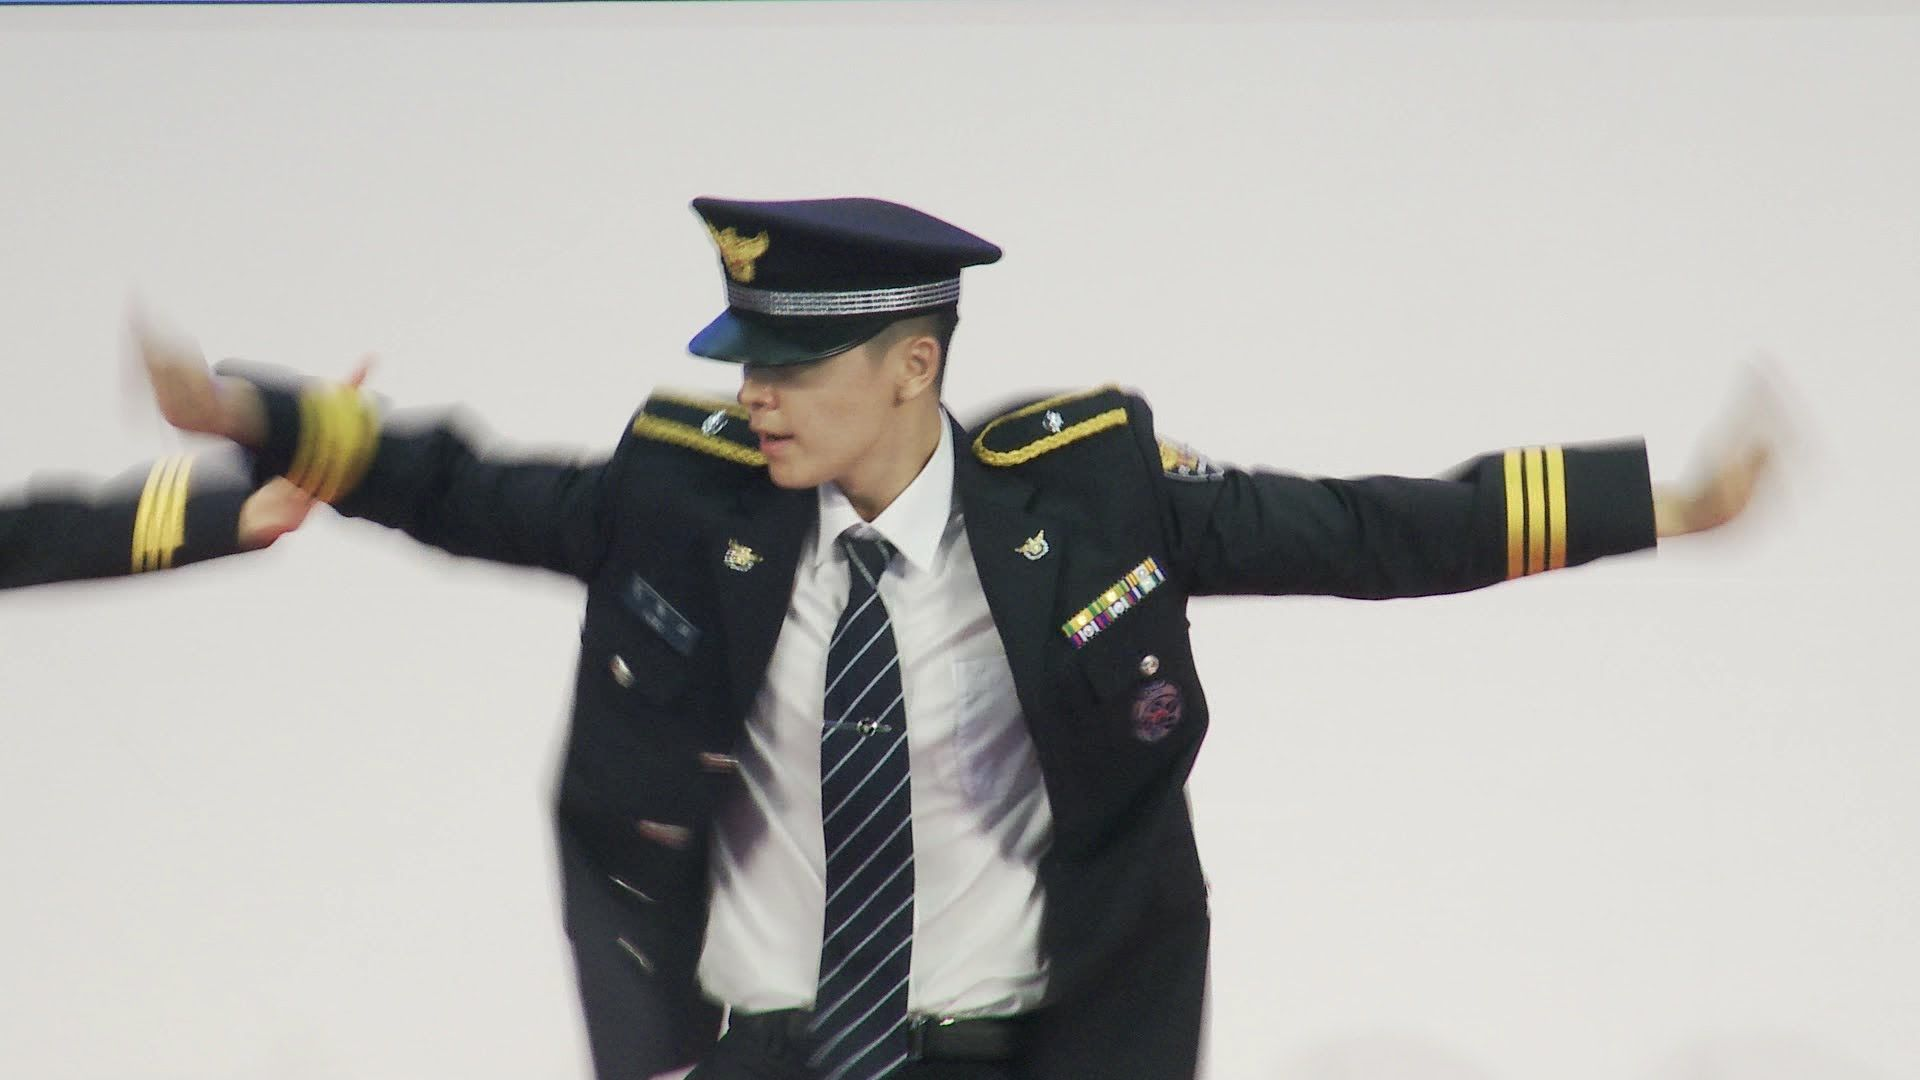 슈퍼주니어 동해, 동방신기 최강창민 '춤 실력 녹슬지 않았네~'